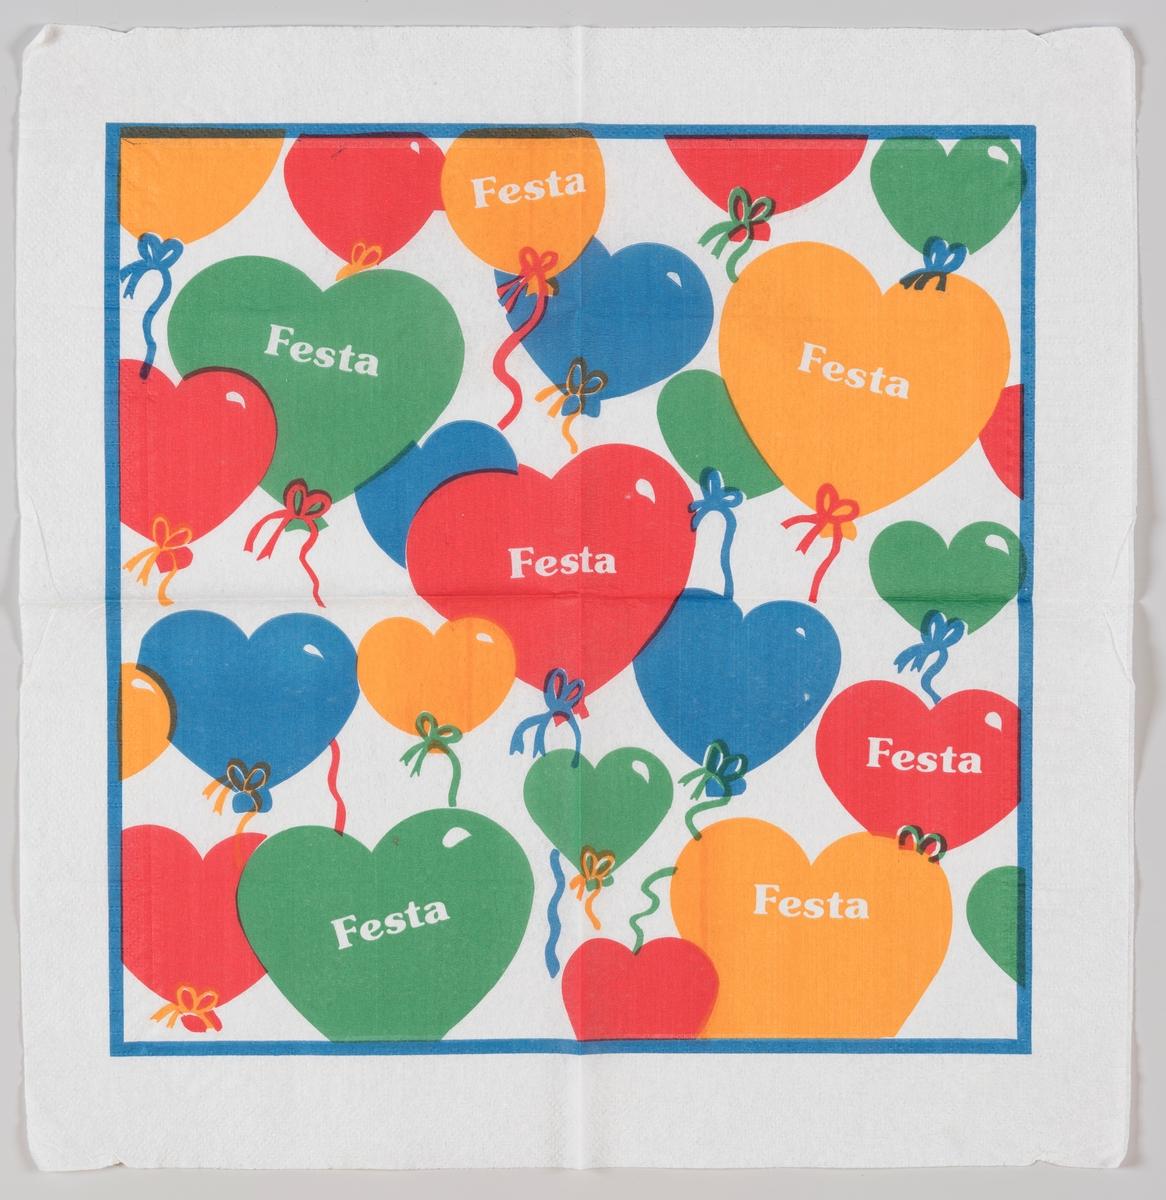 Hjerteballonger i gul, blå, rød og grønn.  Festa betyr fest og festival på portugisisk, spansk og italiensk.